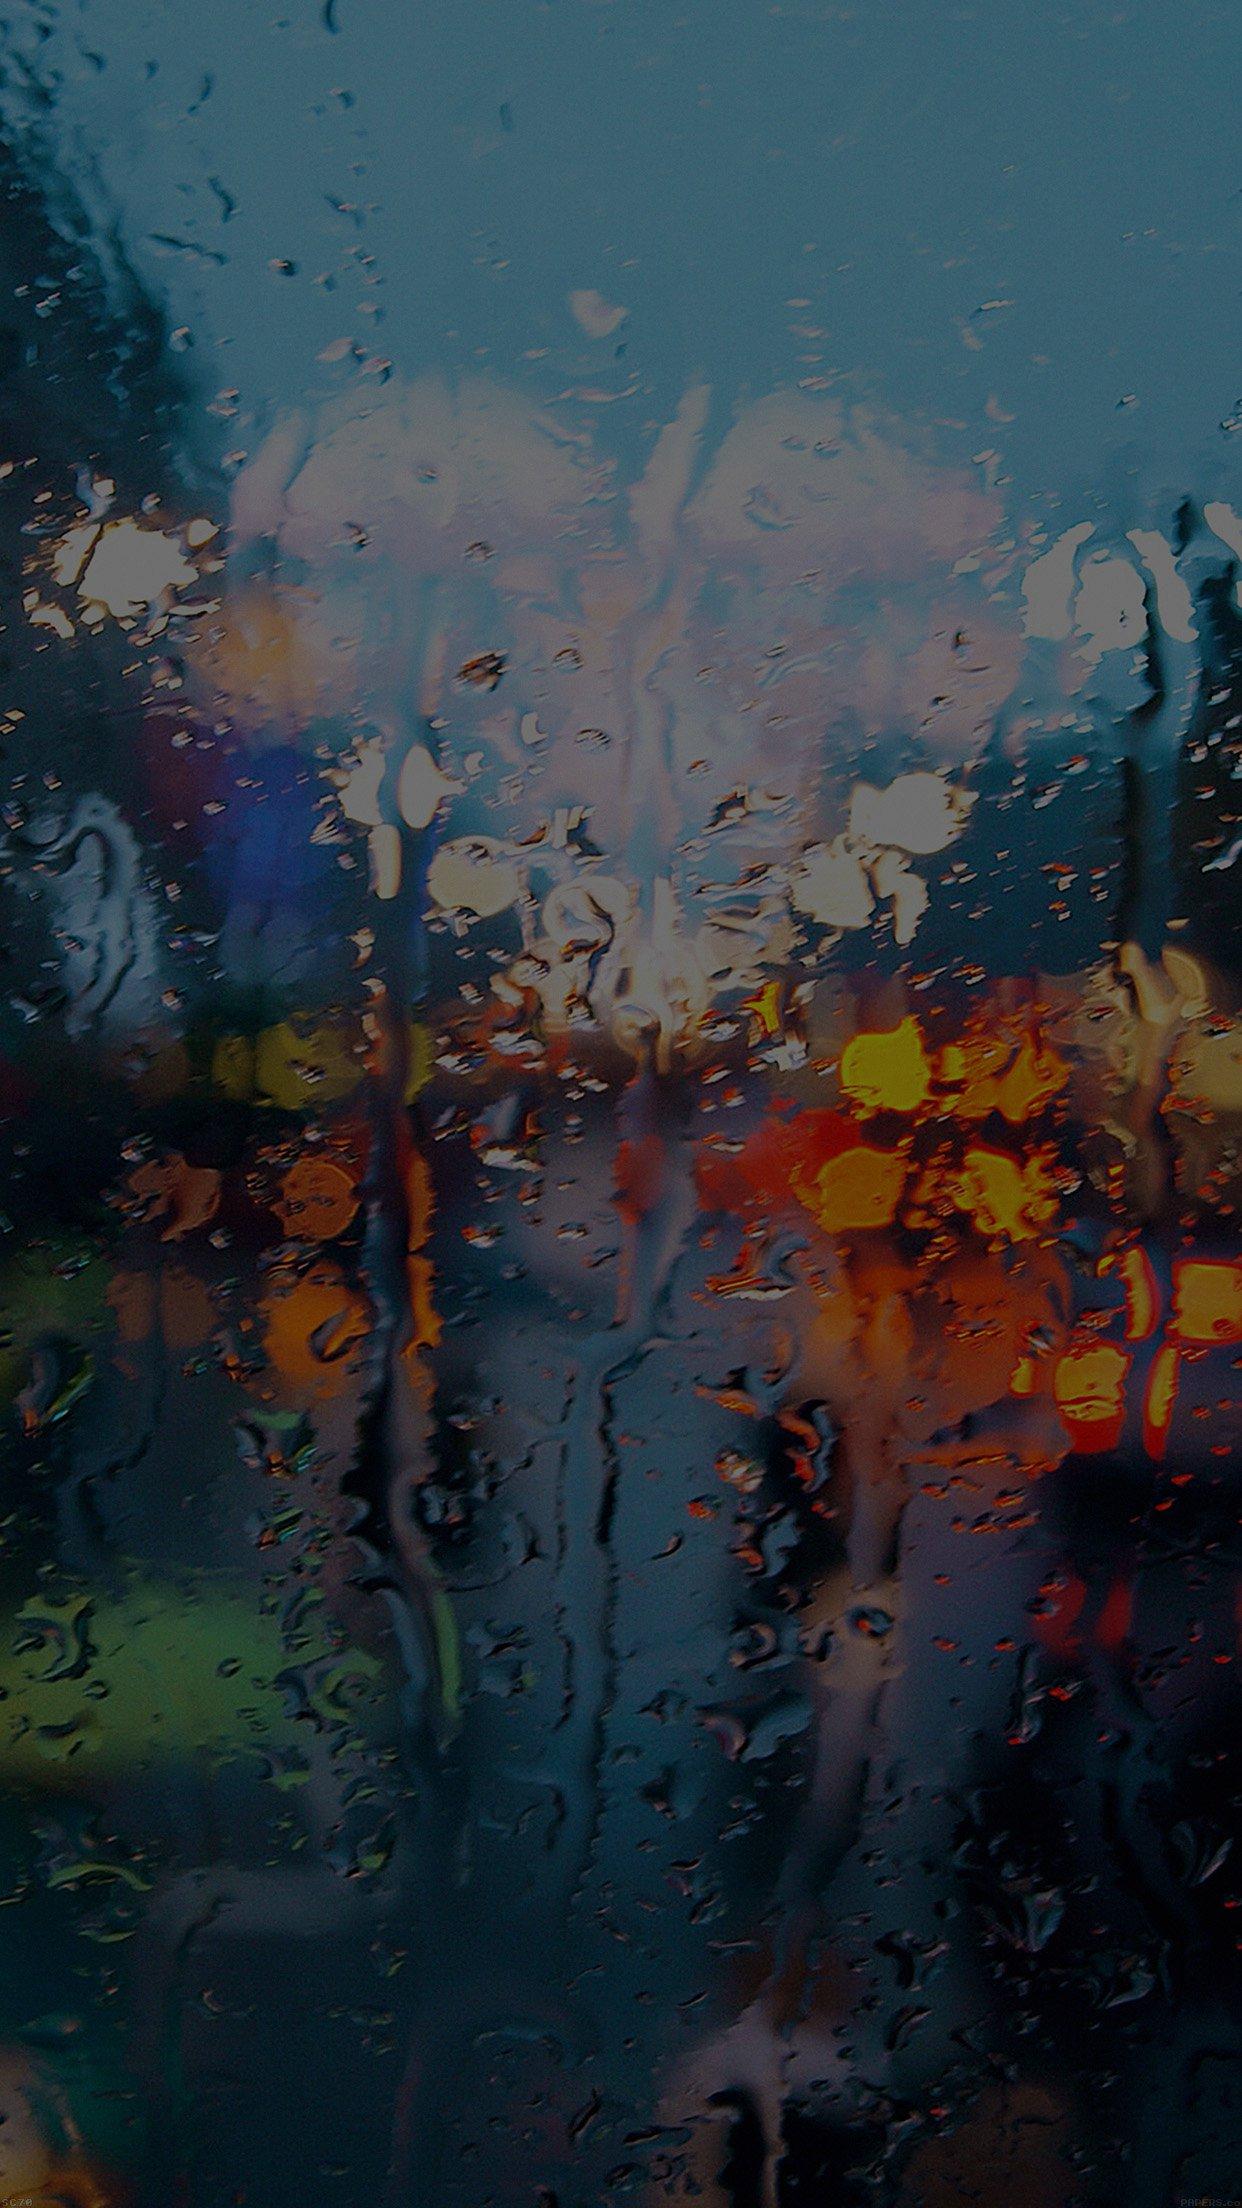 Somedays Rain Window Wet Nature Dark Android Wallpaper